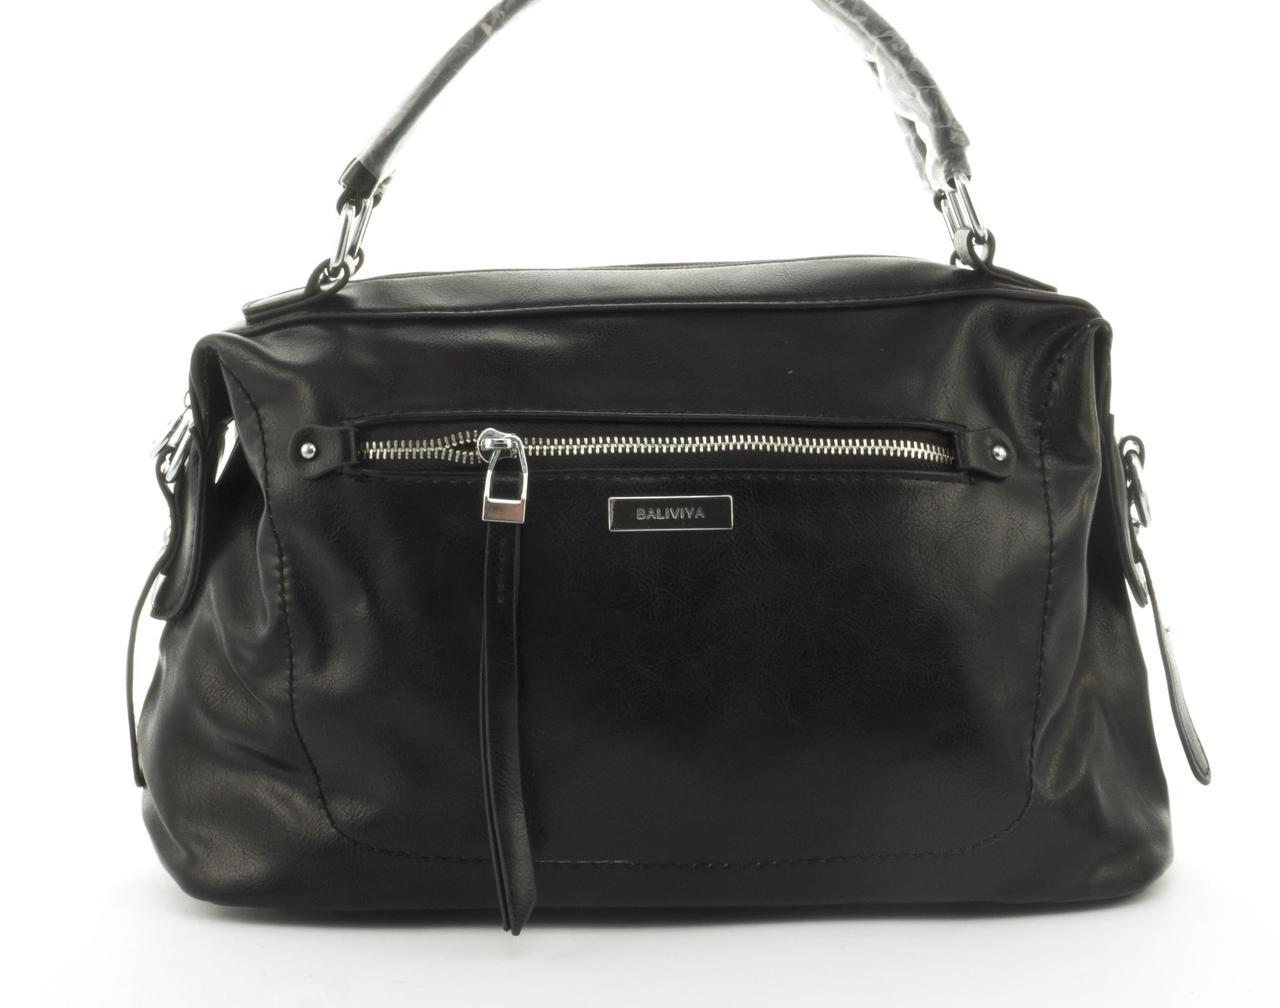 Стильная женская качественная сумка саквояж с мягкой эко кожи BALIVIYA art. 7305 черная